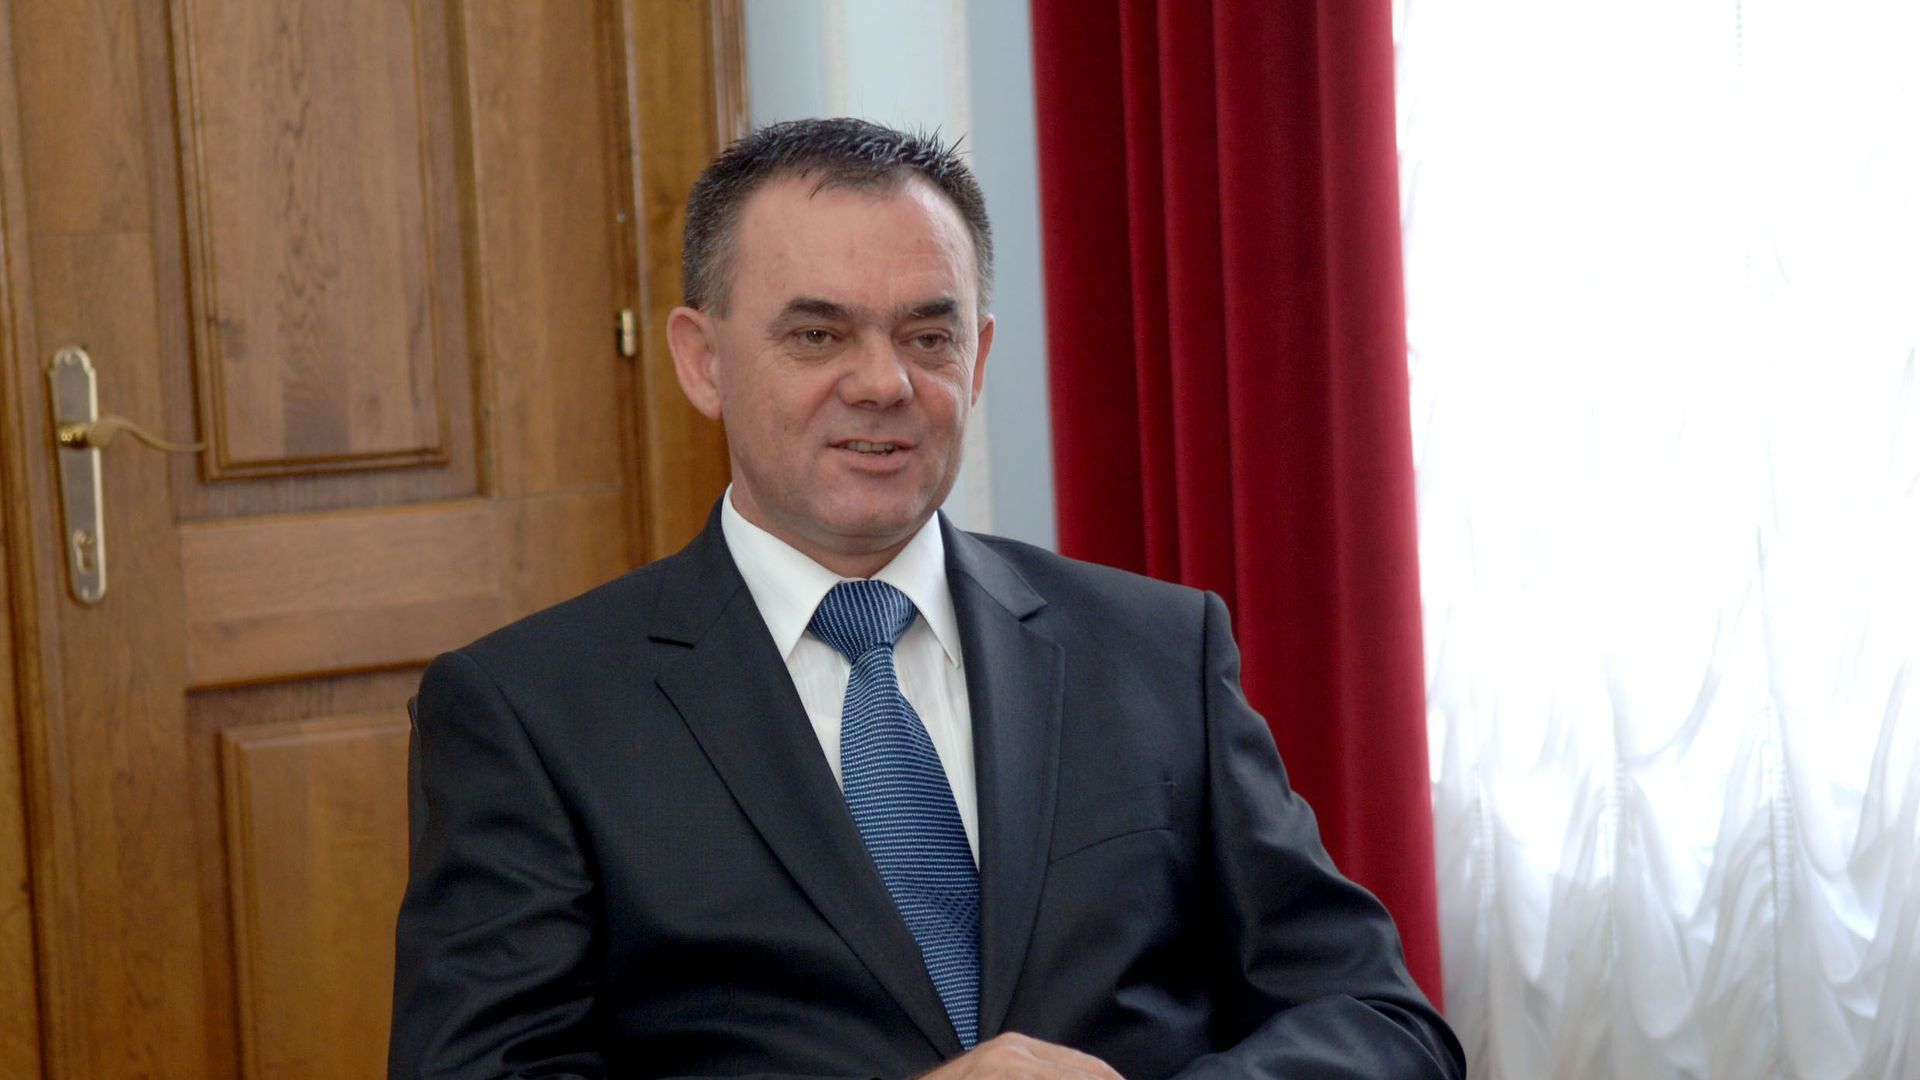 DORH podigao optužnicu protiv župana Alojza Tomaševića koji ne želi odstupiti, a HDZ šuti